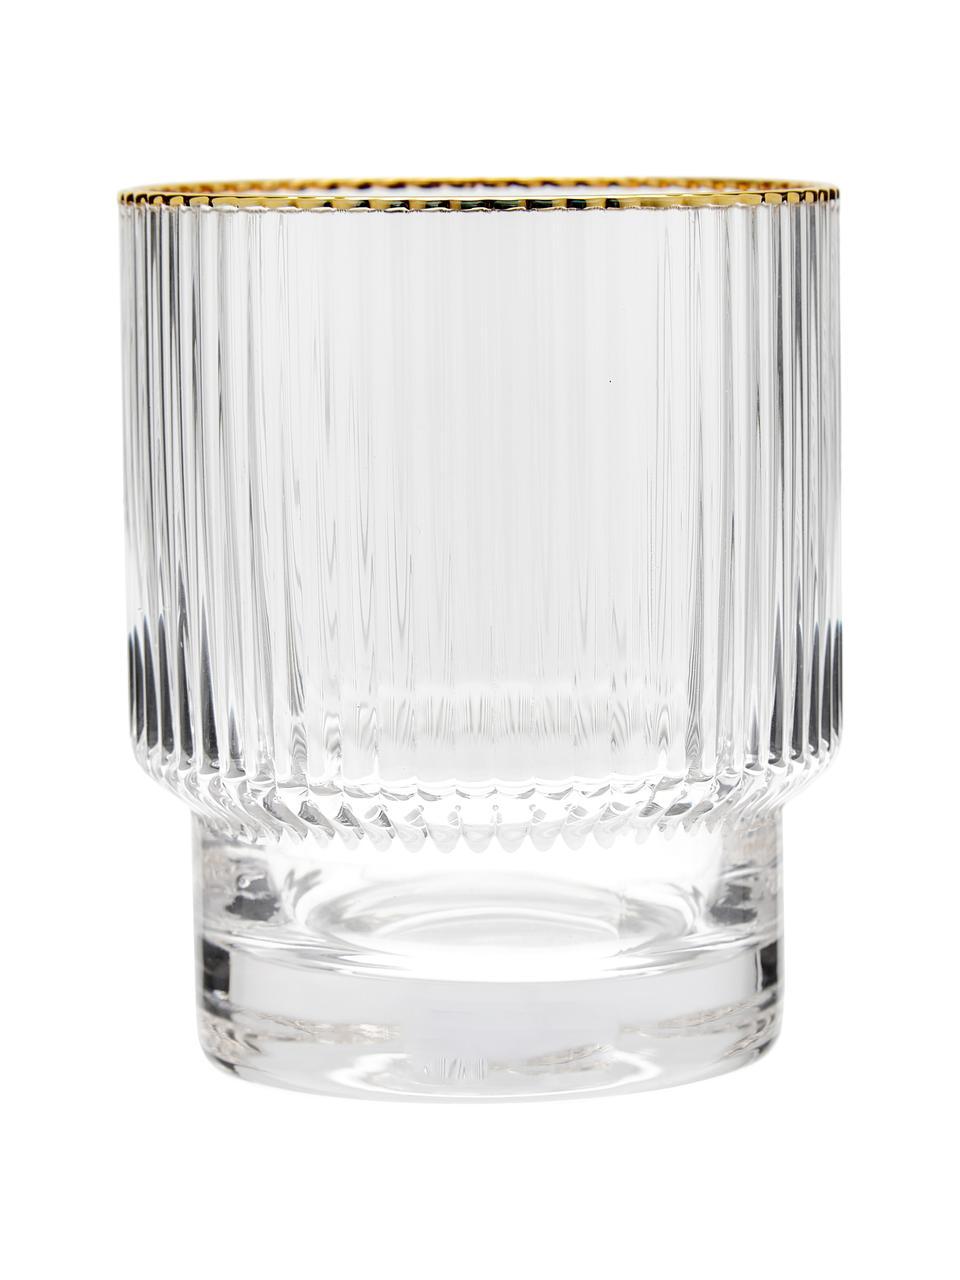 Vasos artesanales con relieve Minna, 4uds., Vidrio soplado, Transparente, Ø 8 x Al 10 cm